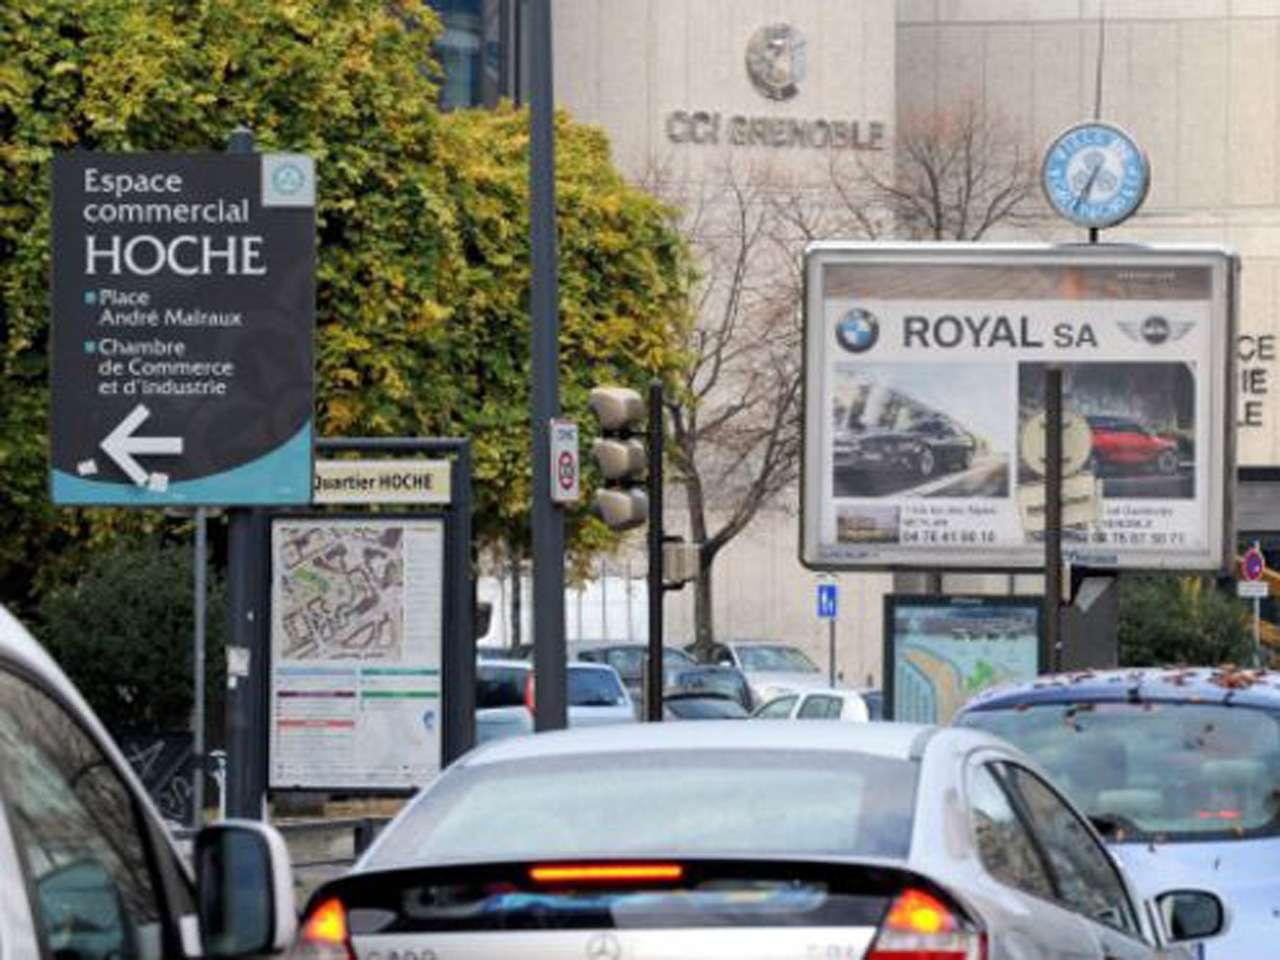 """El alcalde pretende con la medida hacer que la ciudad sea """"menos estresante y agresiva"""" y que esté al """"servicio de la identidad de sus habitantes"""". Foto: AFP en español"""